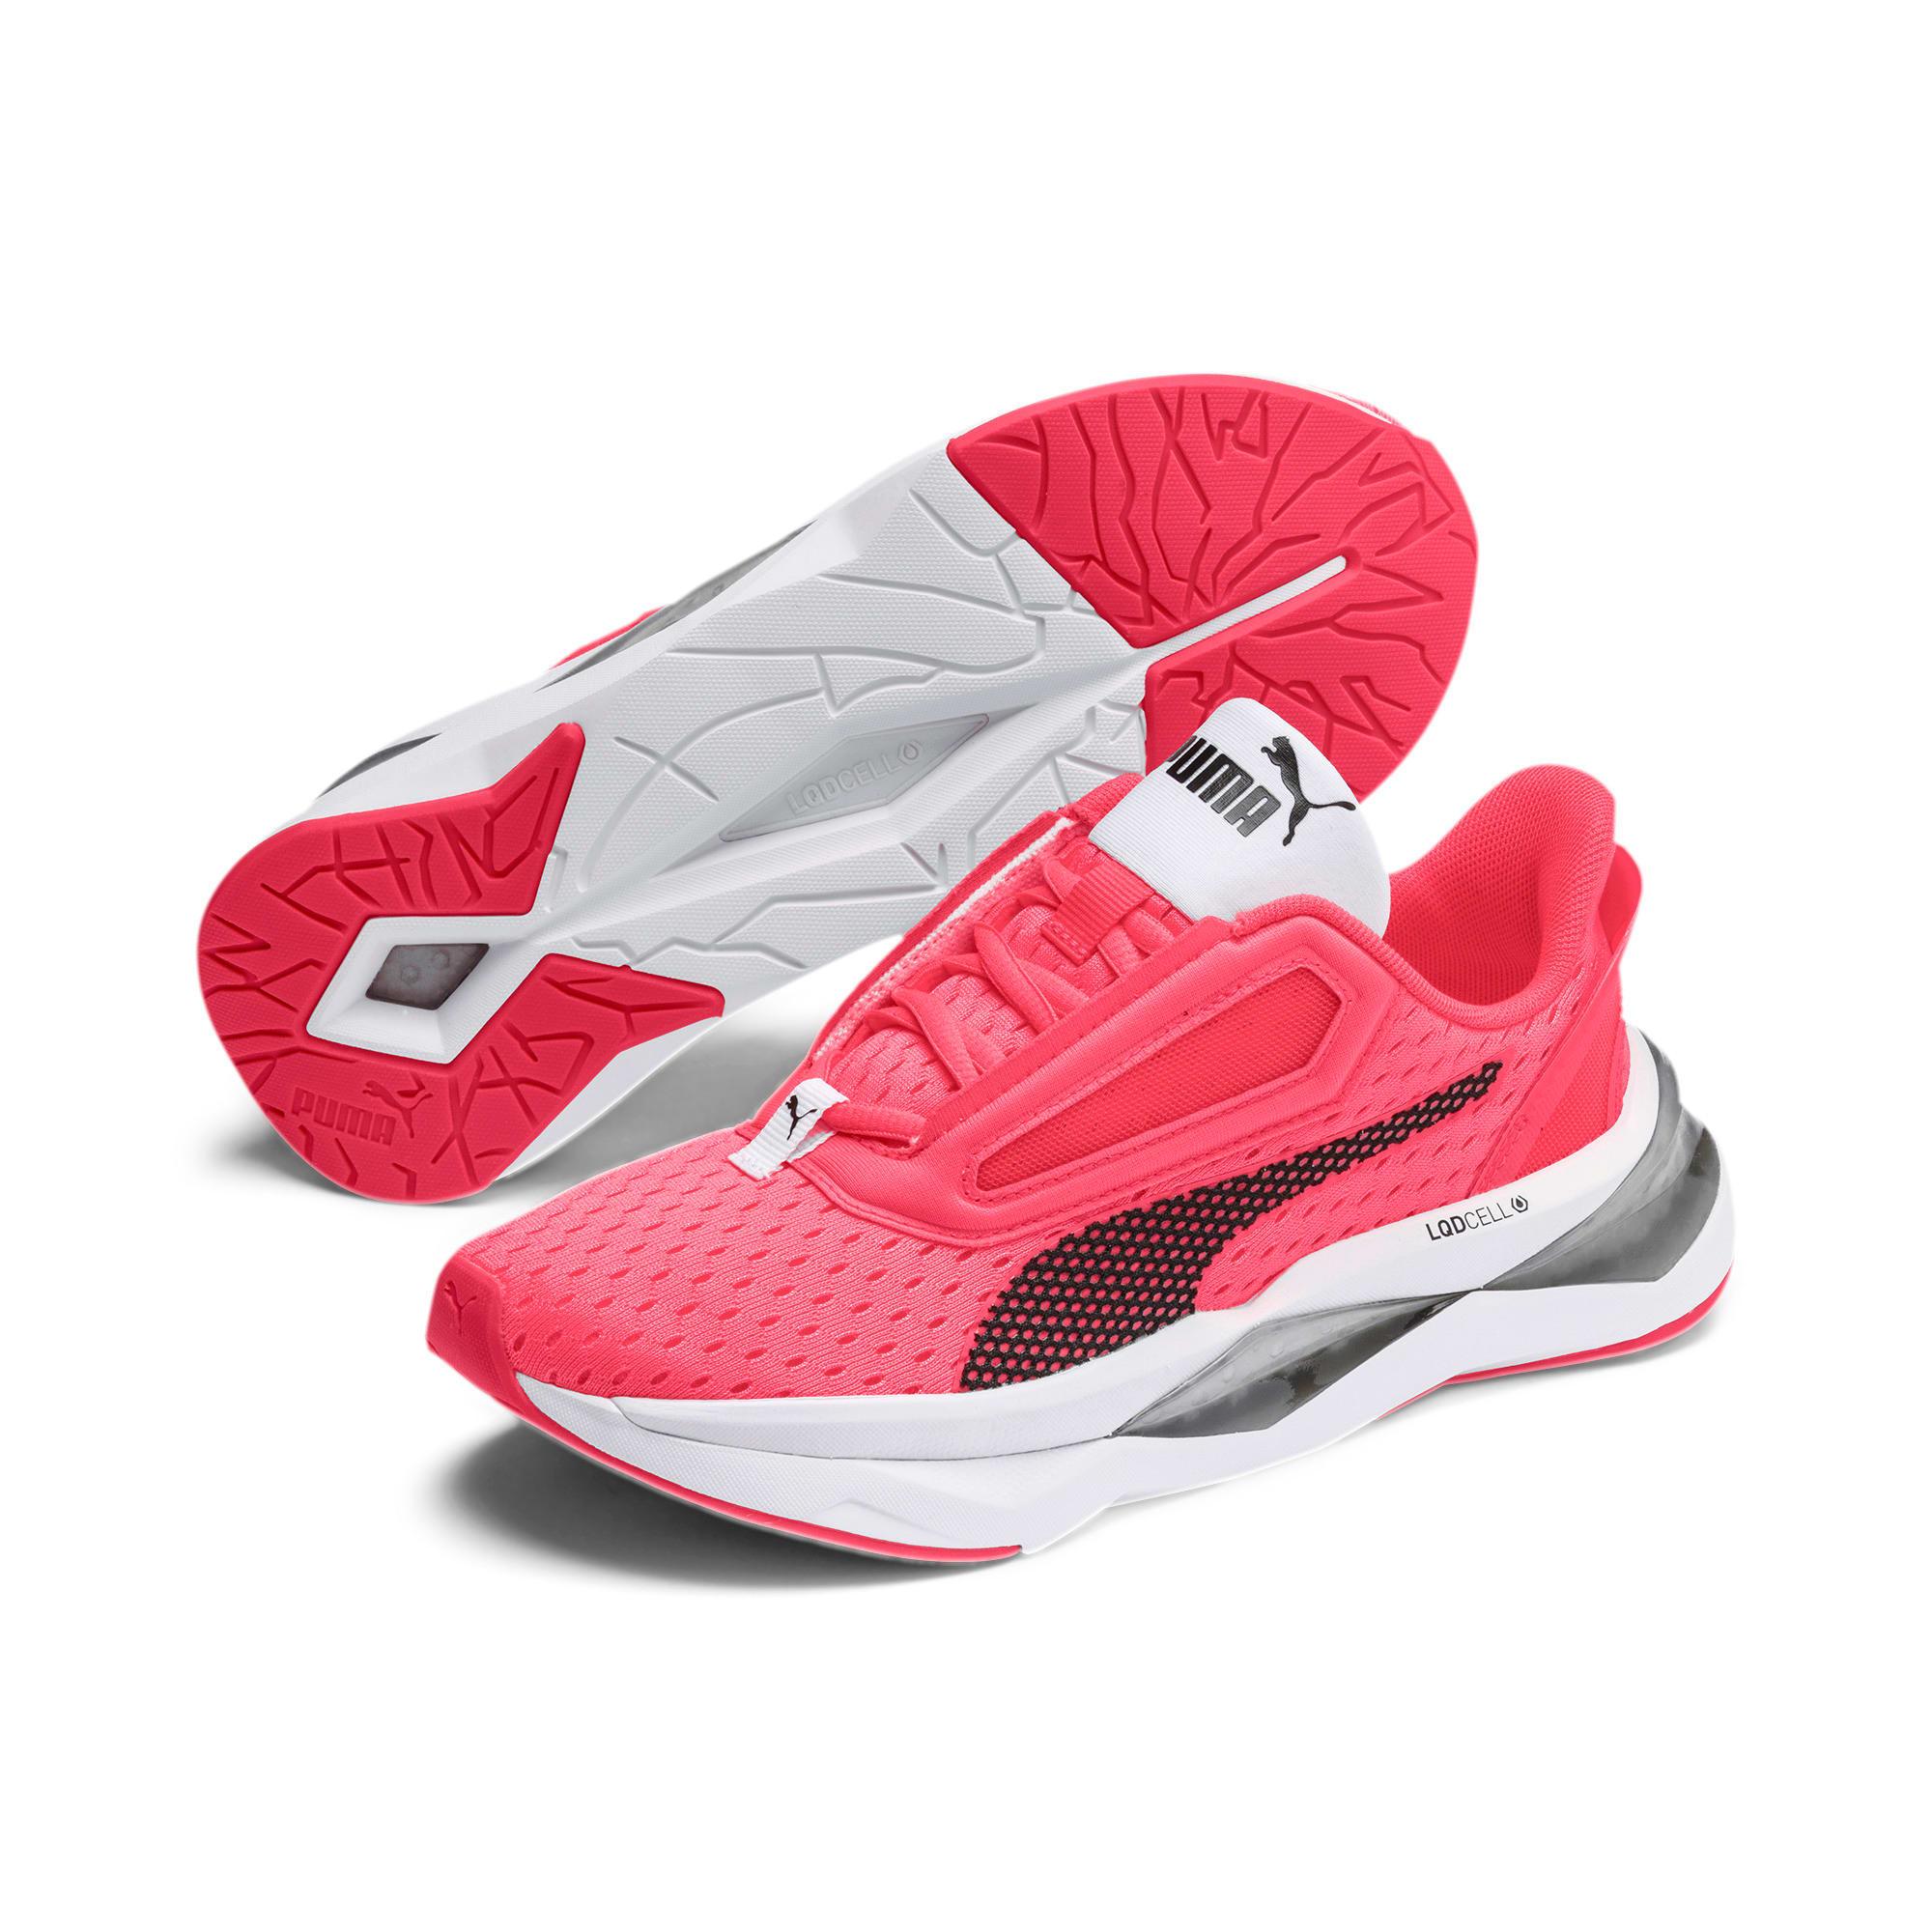 Imagen en miniatura 3 de Zapatillas de training de mujer LQDCell Shatter XT, Pink Alert-Puma White, mediana